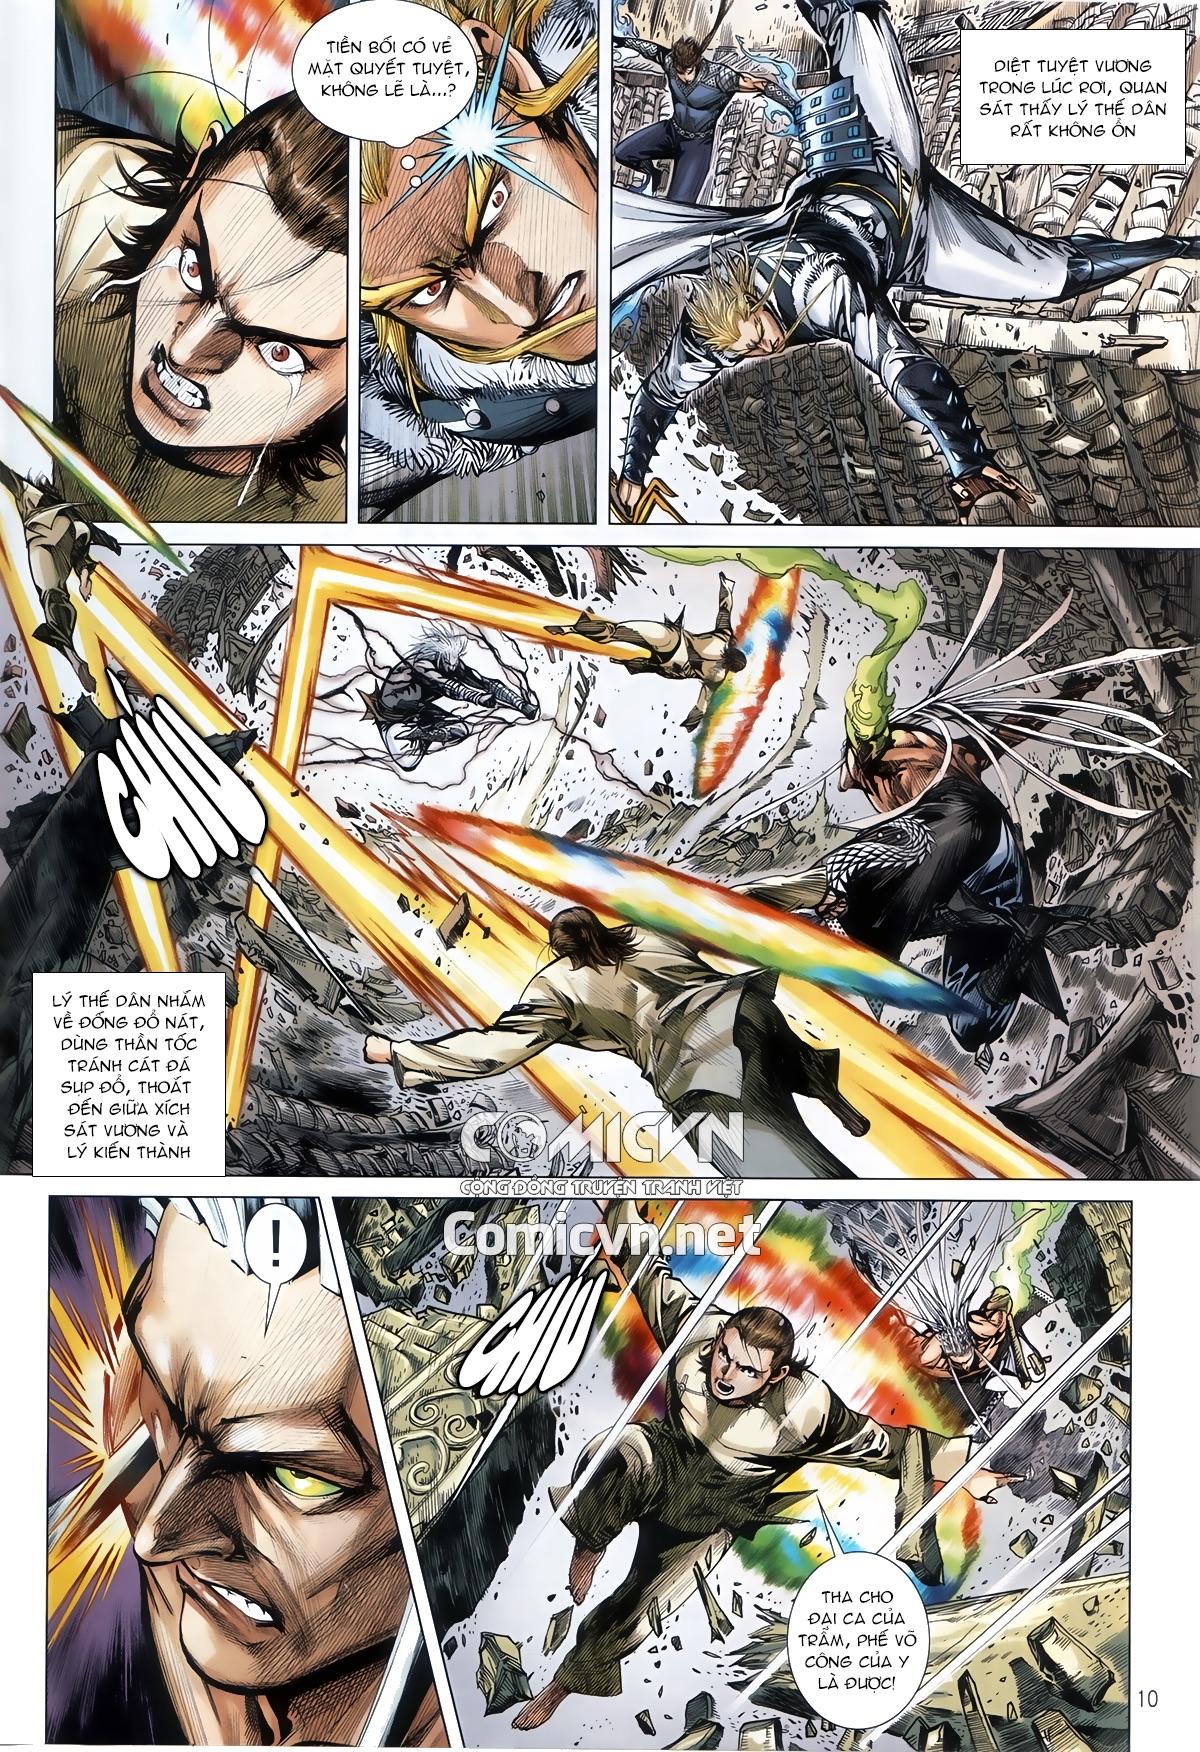 Thiết Tướng Tung Hoành chap 245 - Trang 9